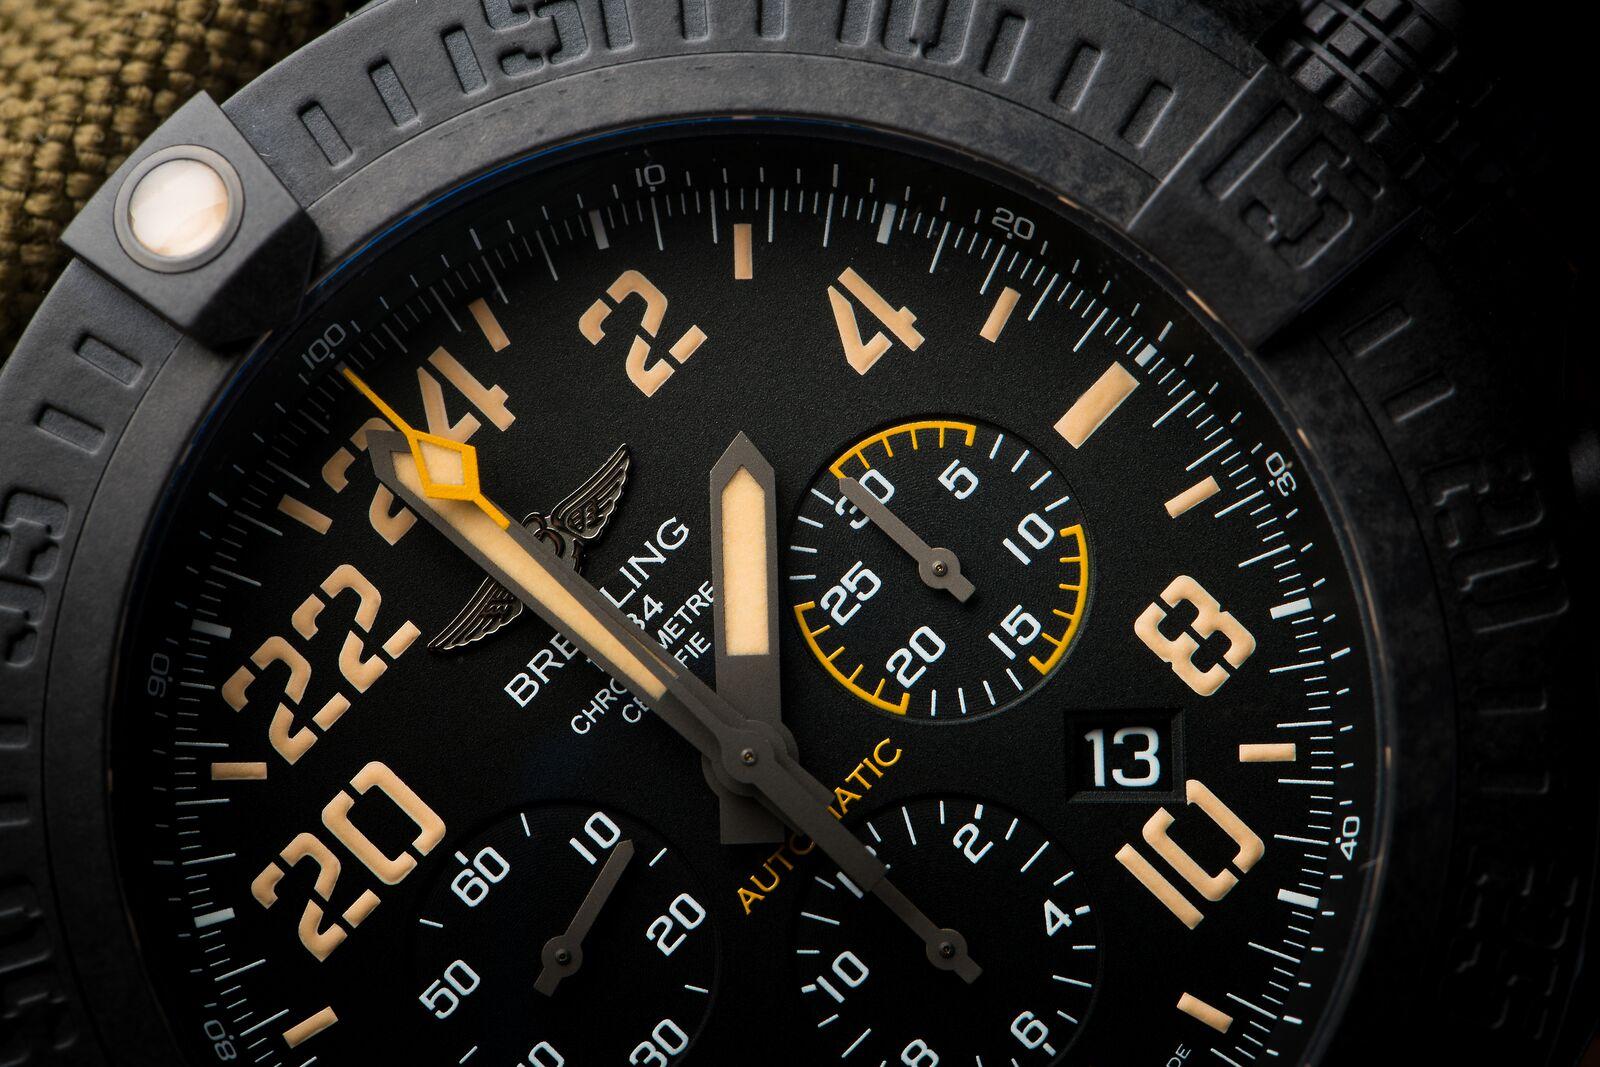 Breitling Avenger Hurricane Military